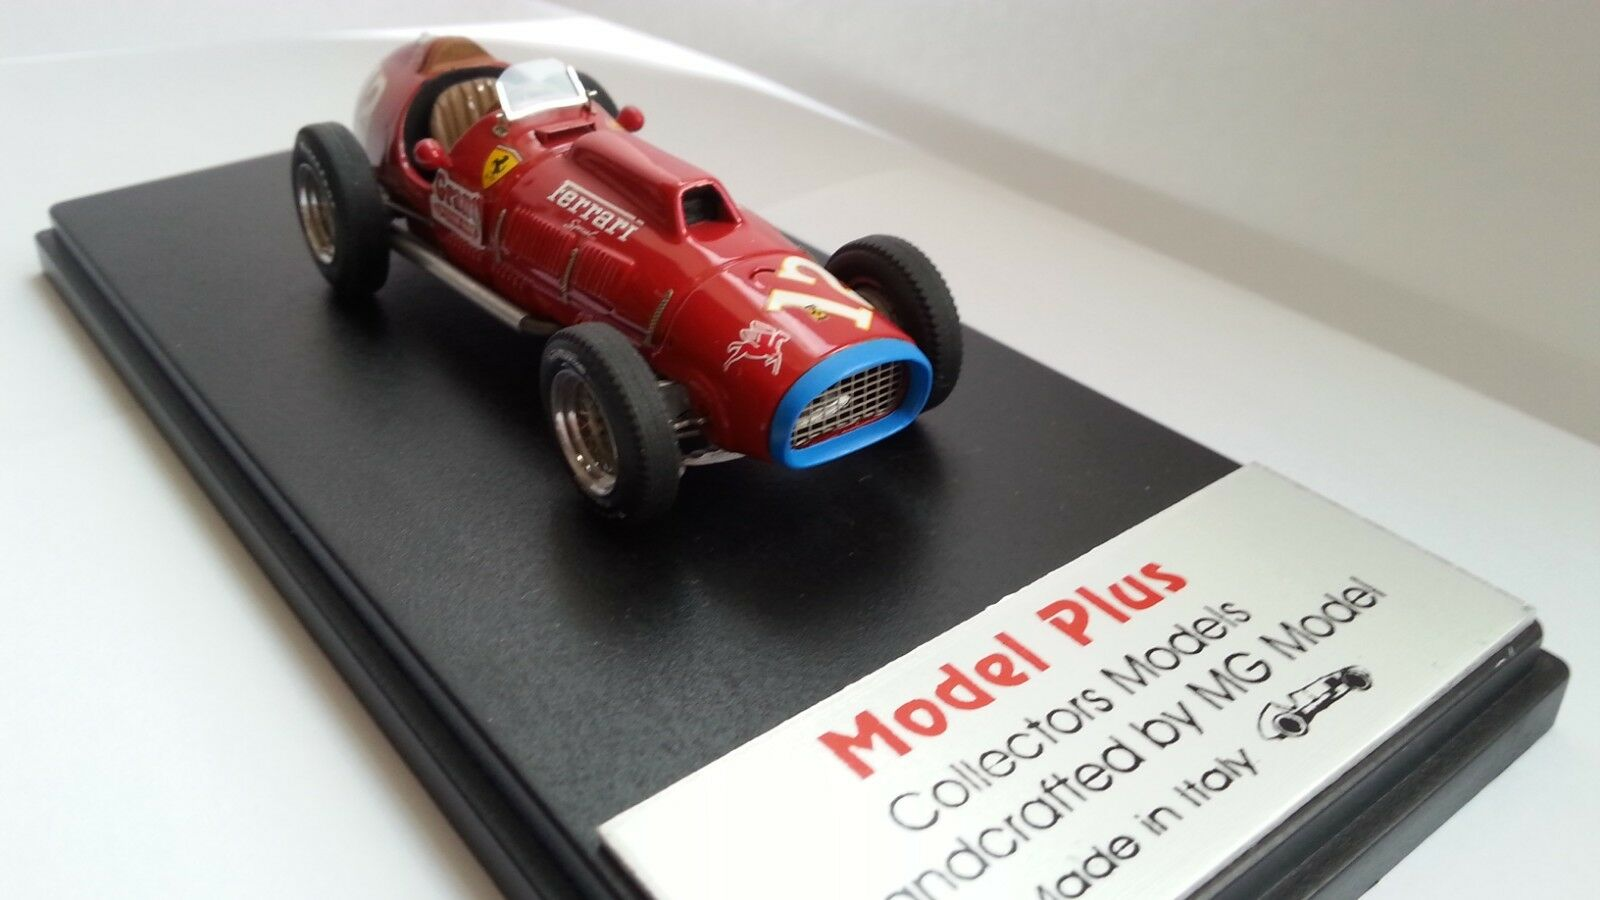 elige tu favorito Ferrari MG modelo Plus 375 Indy AsCochei 1952 Raro Raro Raro 1 43 fábrica de Resina modelo construido  mejor calidad